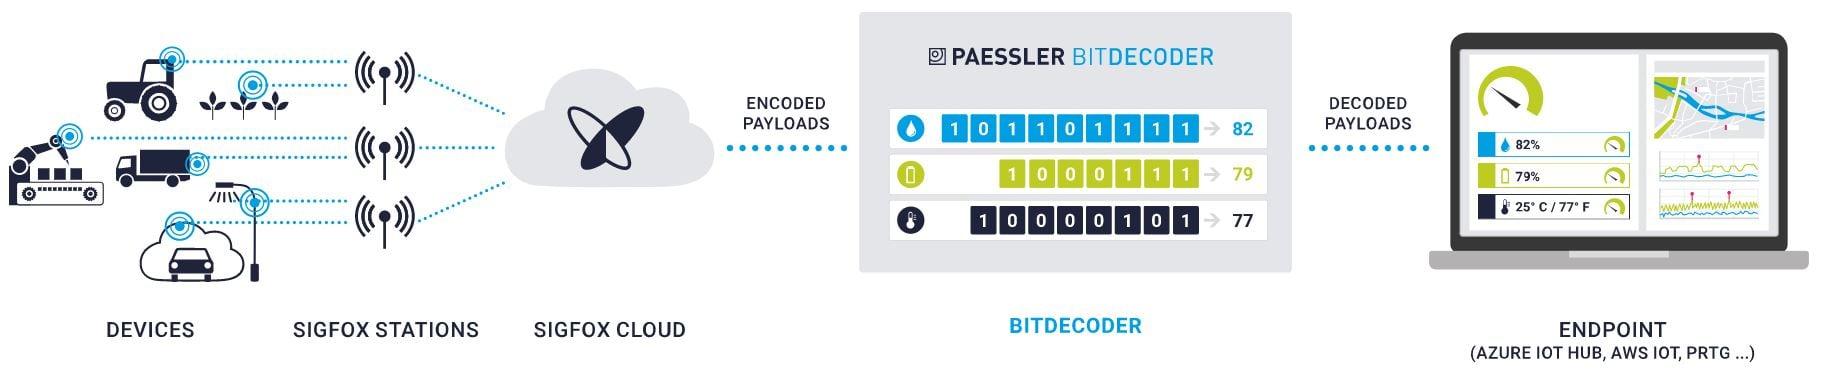 paessler-bitdecoder-how-it-works-01